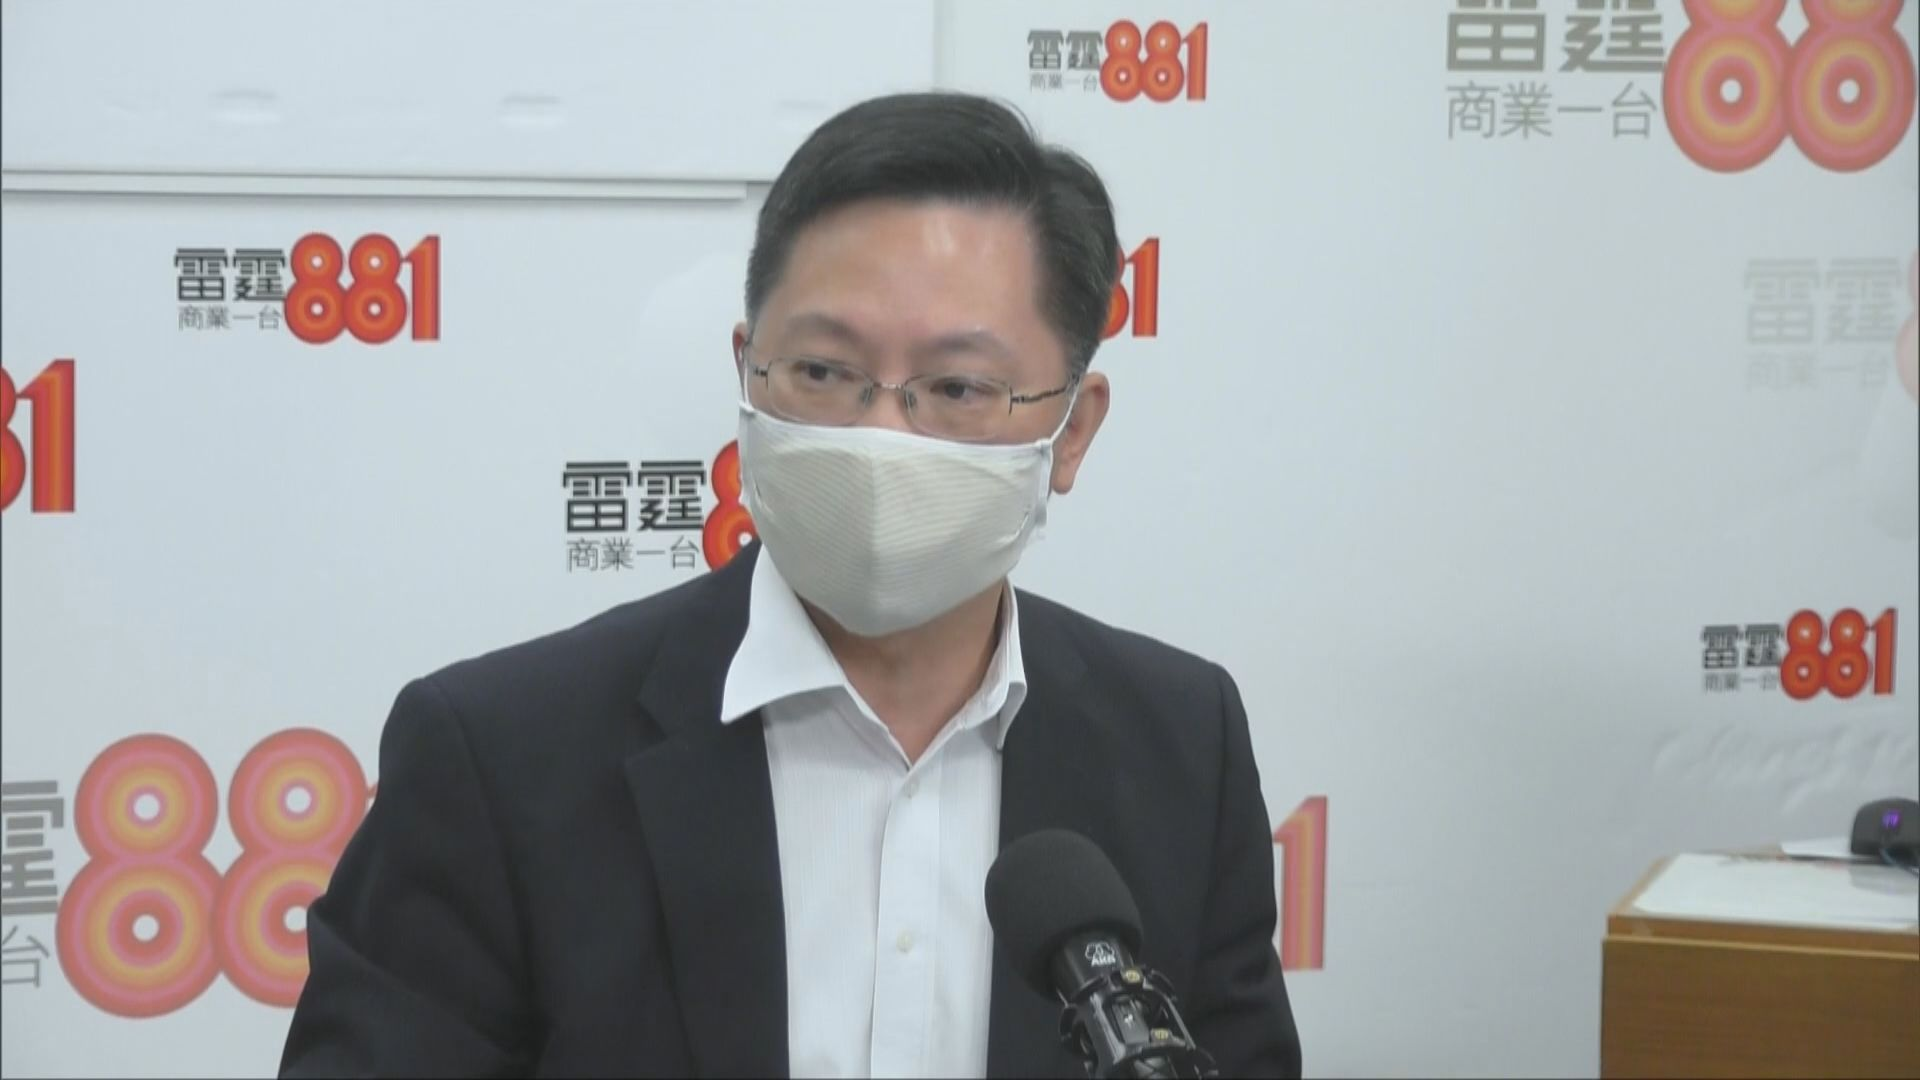 薛永恒:不提銅芯口罩專利是不尊重研發團隊